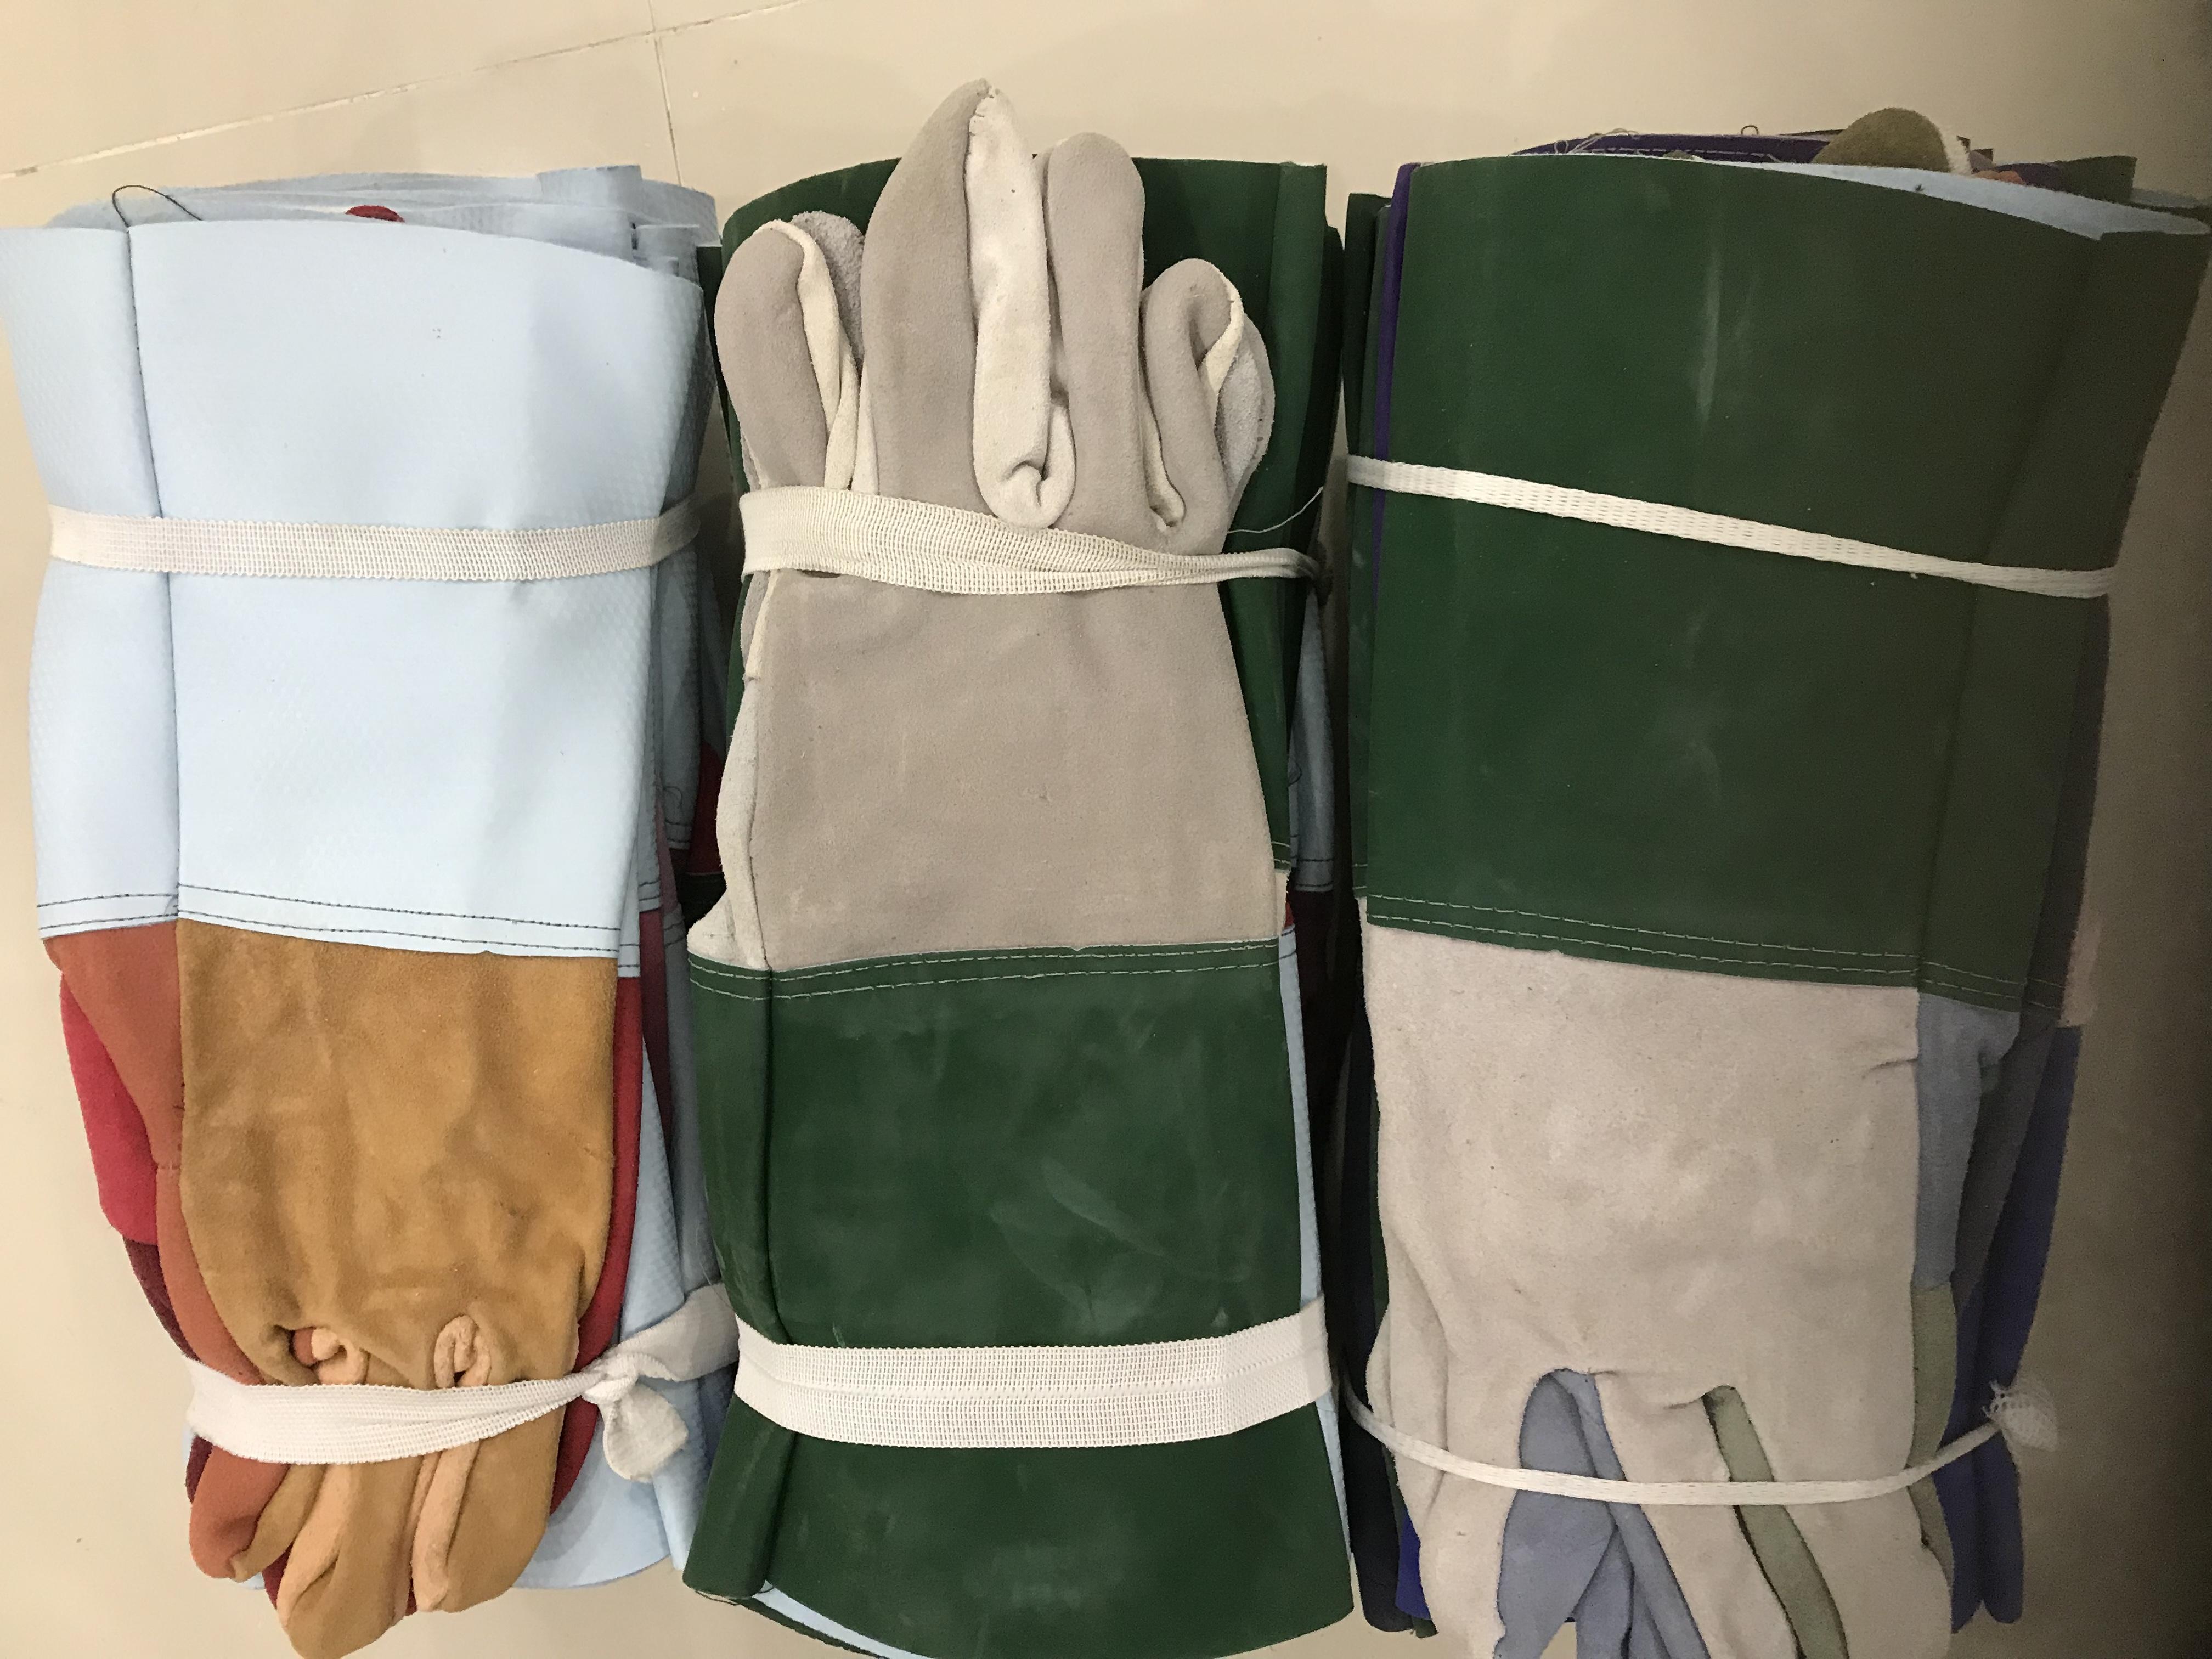 Găng tay vải bò 0912677982:  bảo hộ  lao  động  Nam Định  – Ninh  Bình –  vệ  sinh  lao   động –  văn phòng phẩm  Nam Đinh Ninh Bình